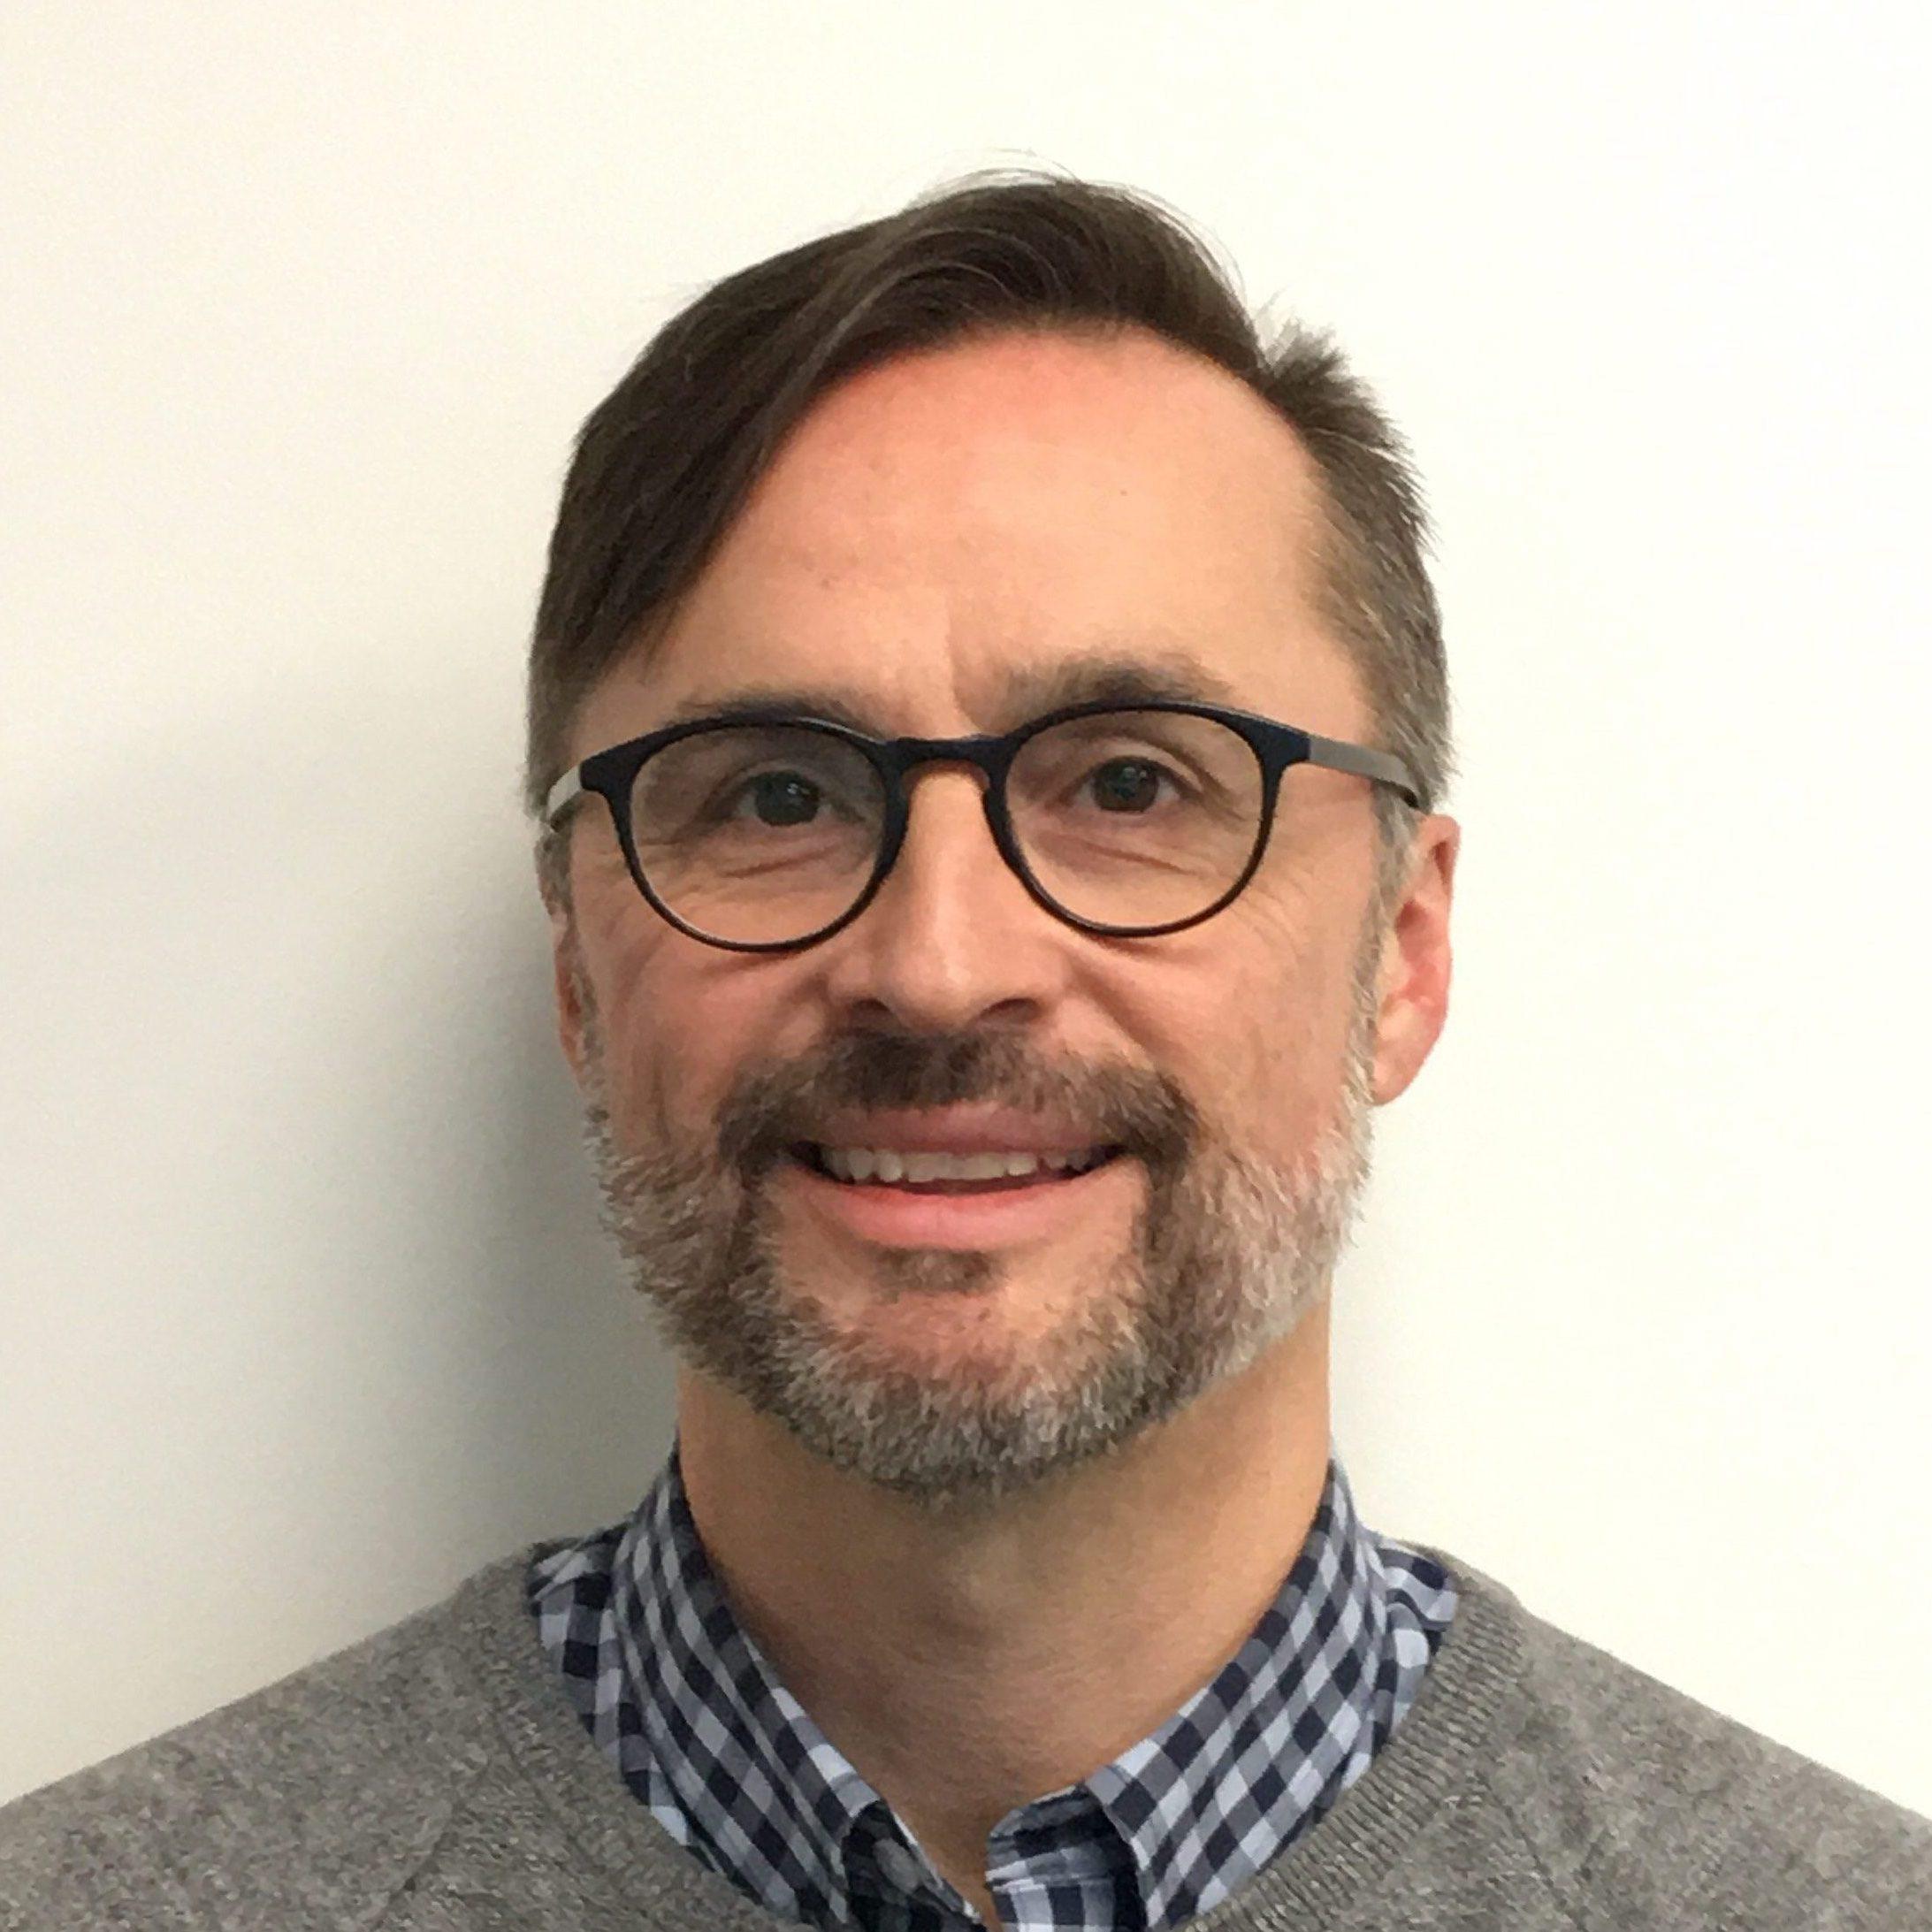 Kurt Schaefer